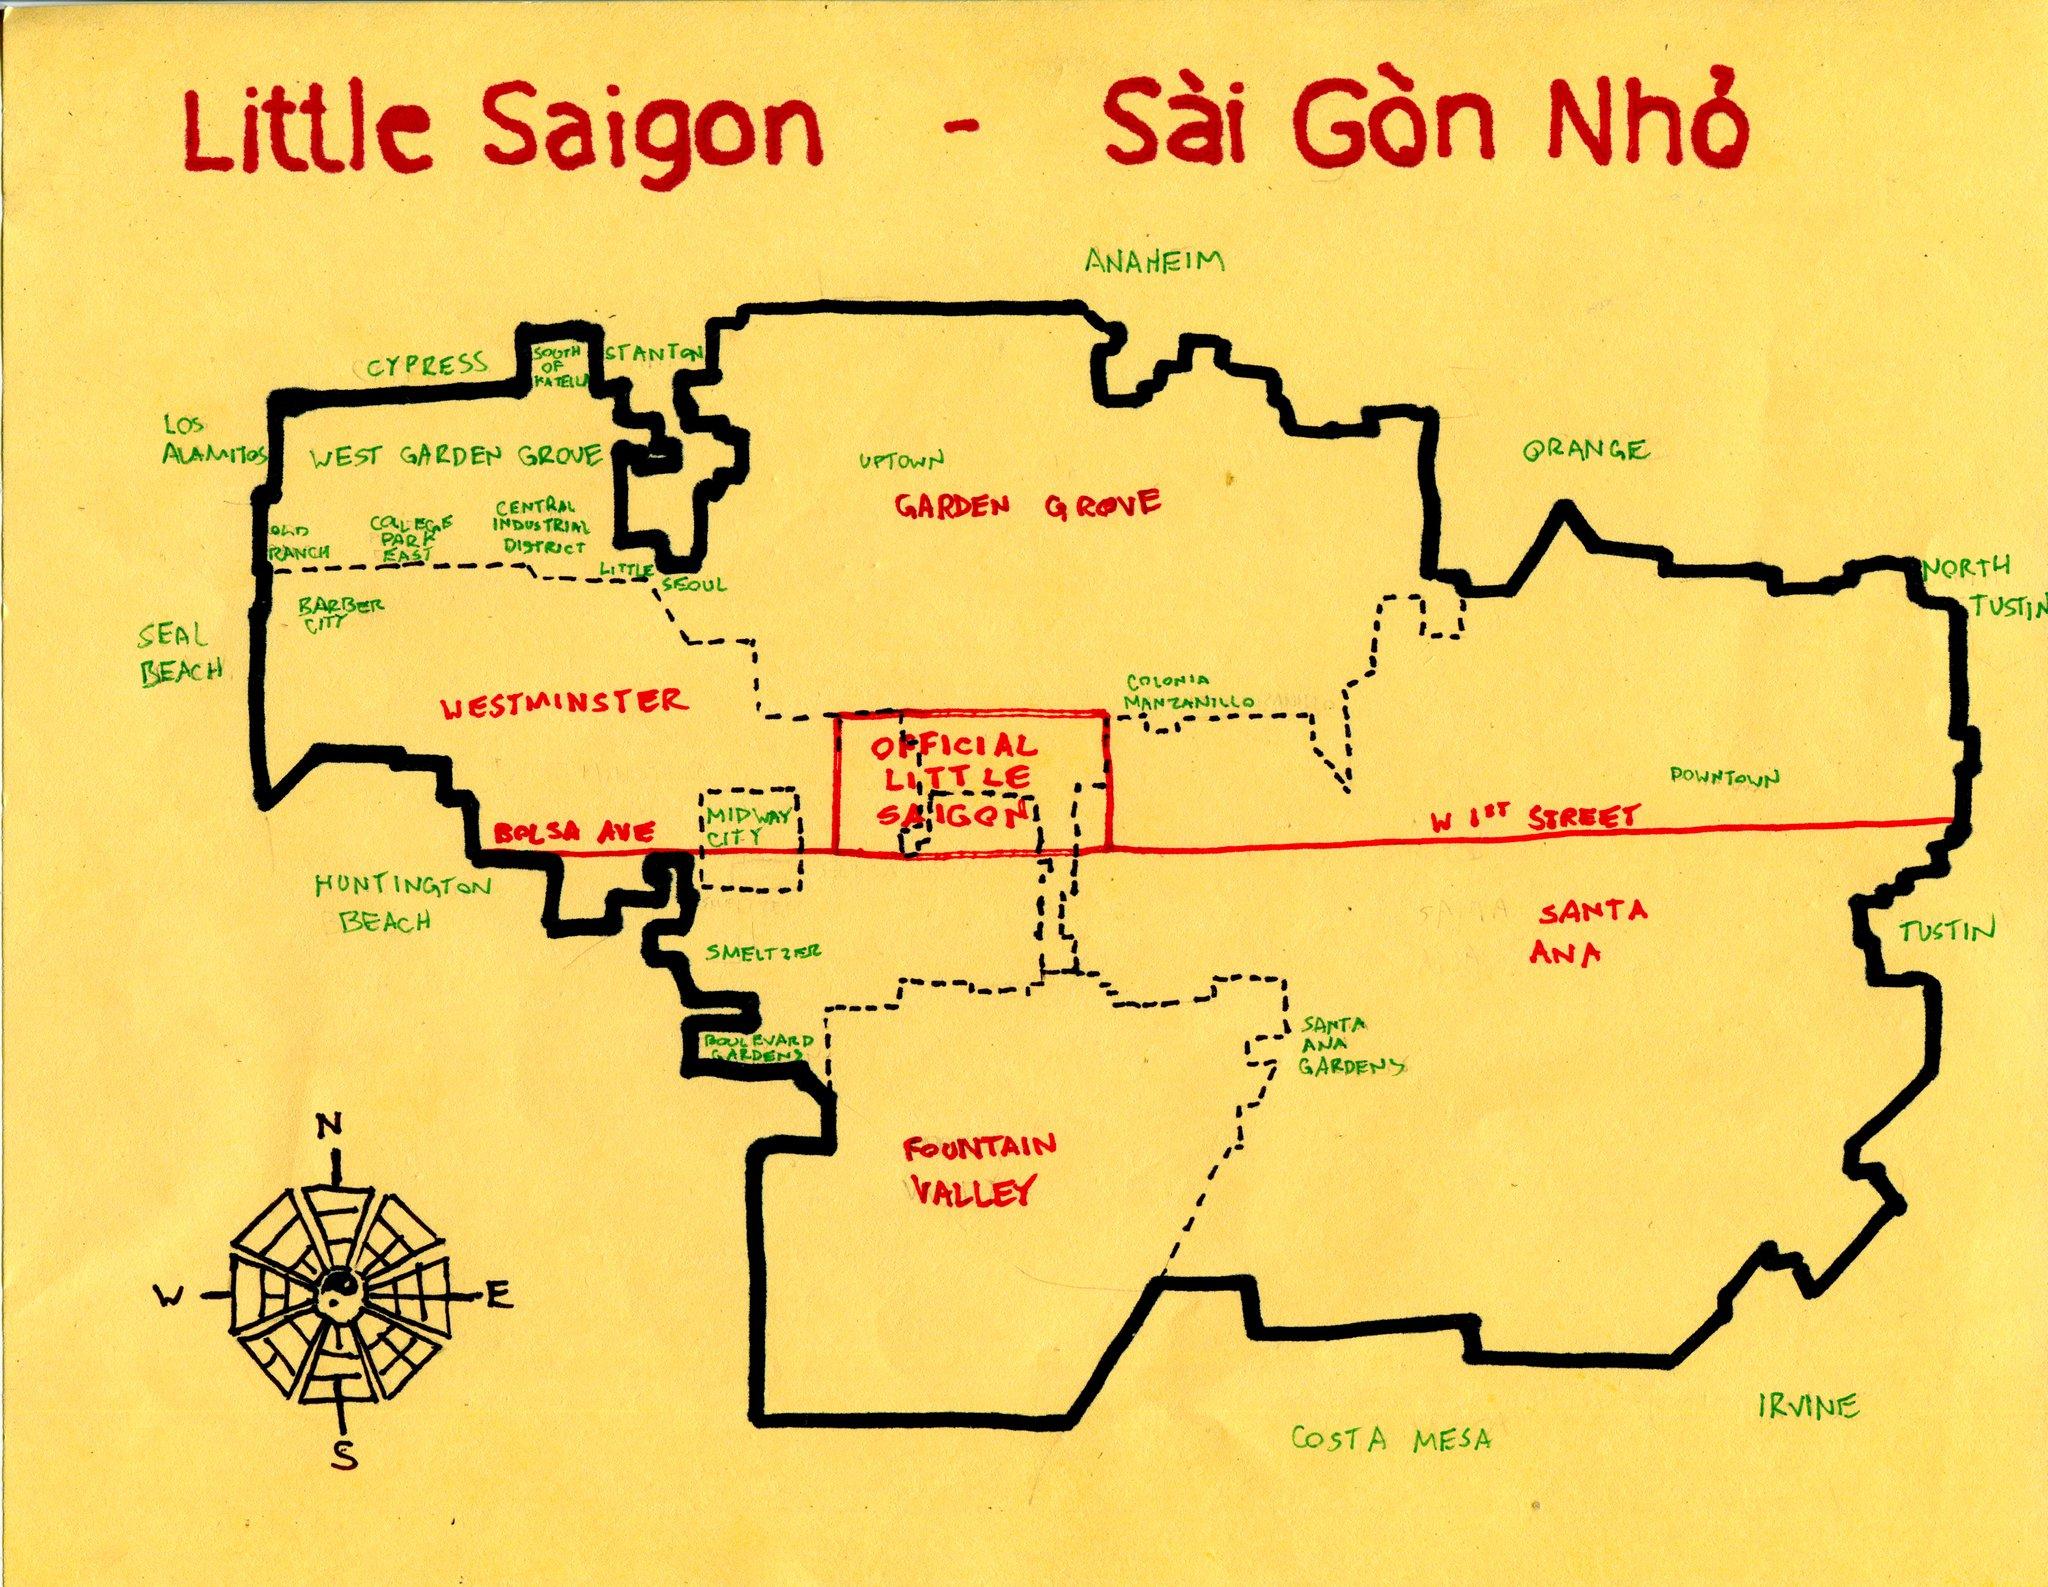 Littlesaigon New Of Maps Garden Grove California Map - Klipy - Where Is Garden Grove California On The Map